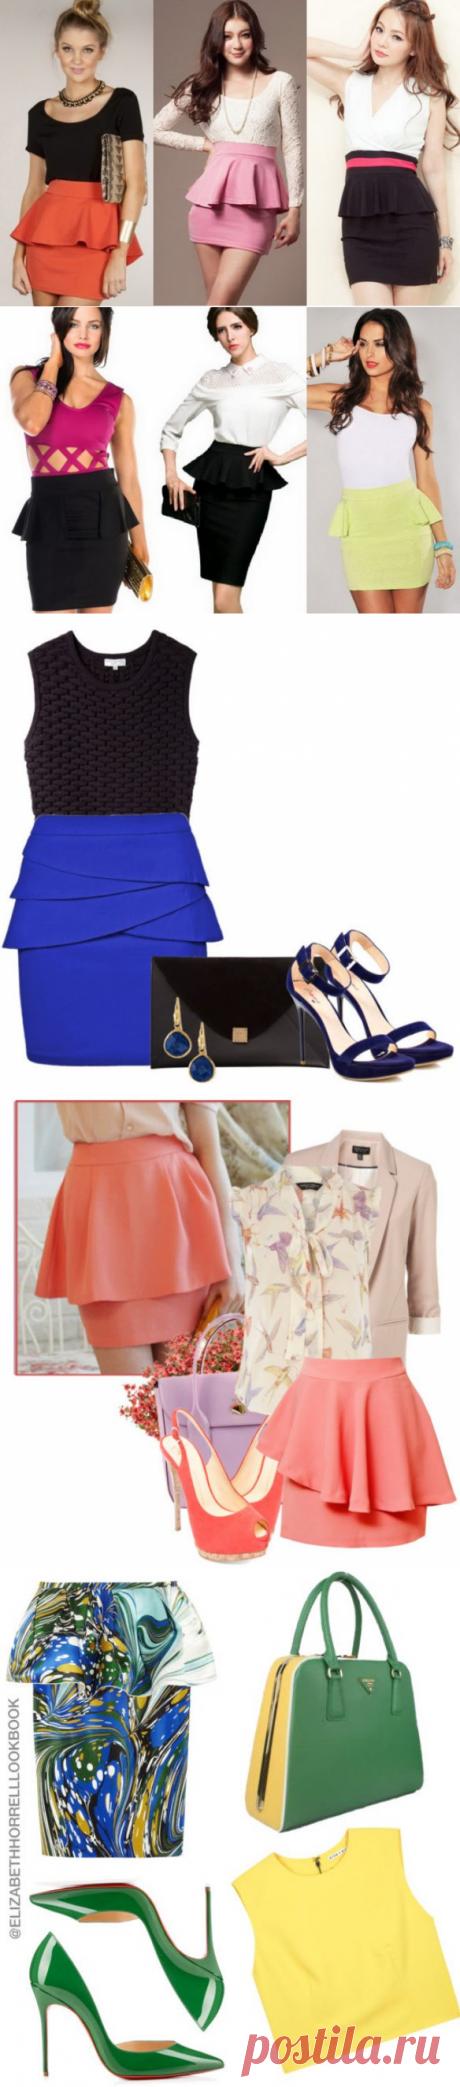 Очень красивые модели юбок с баской / Все для женщины